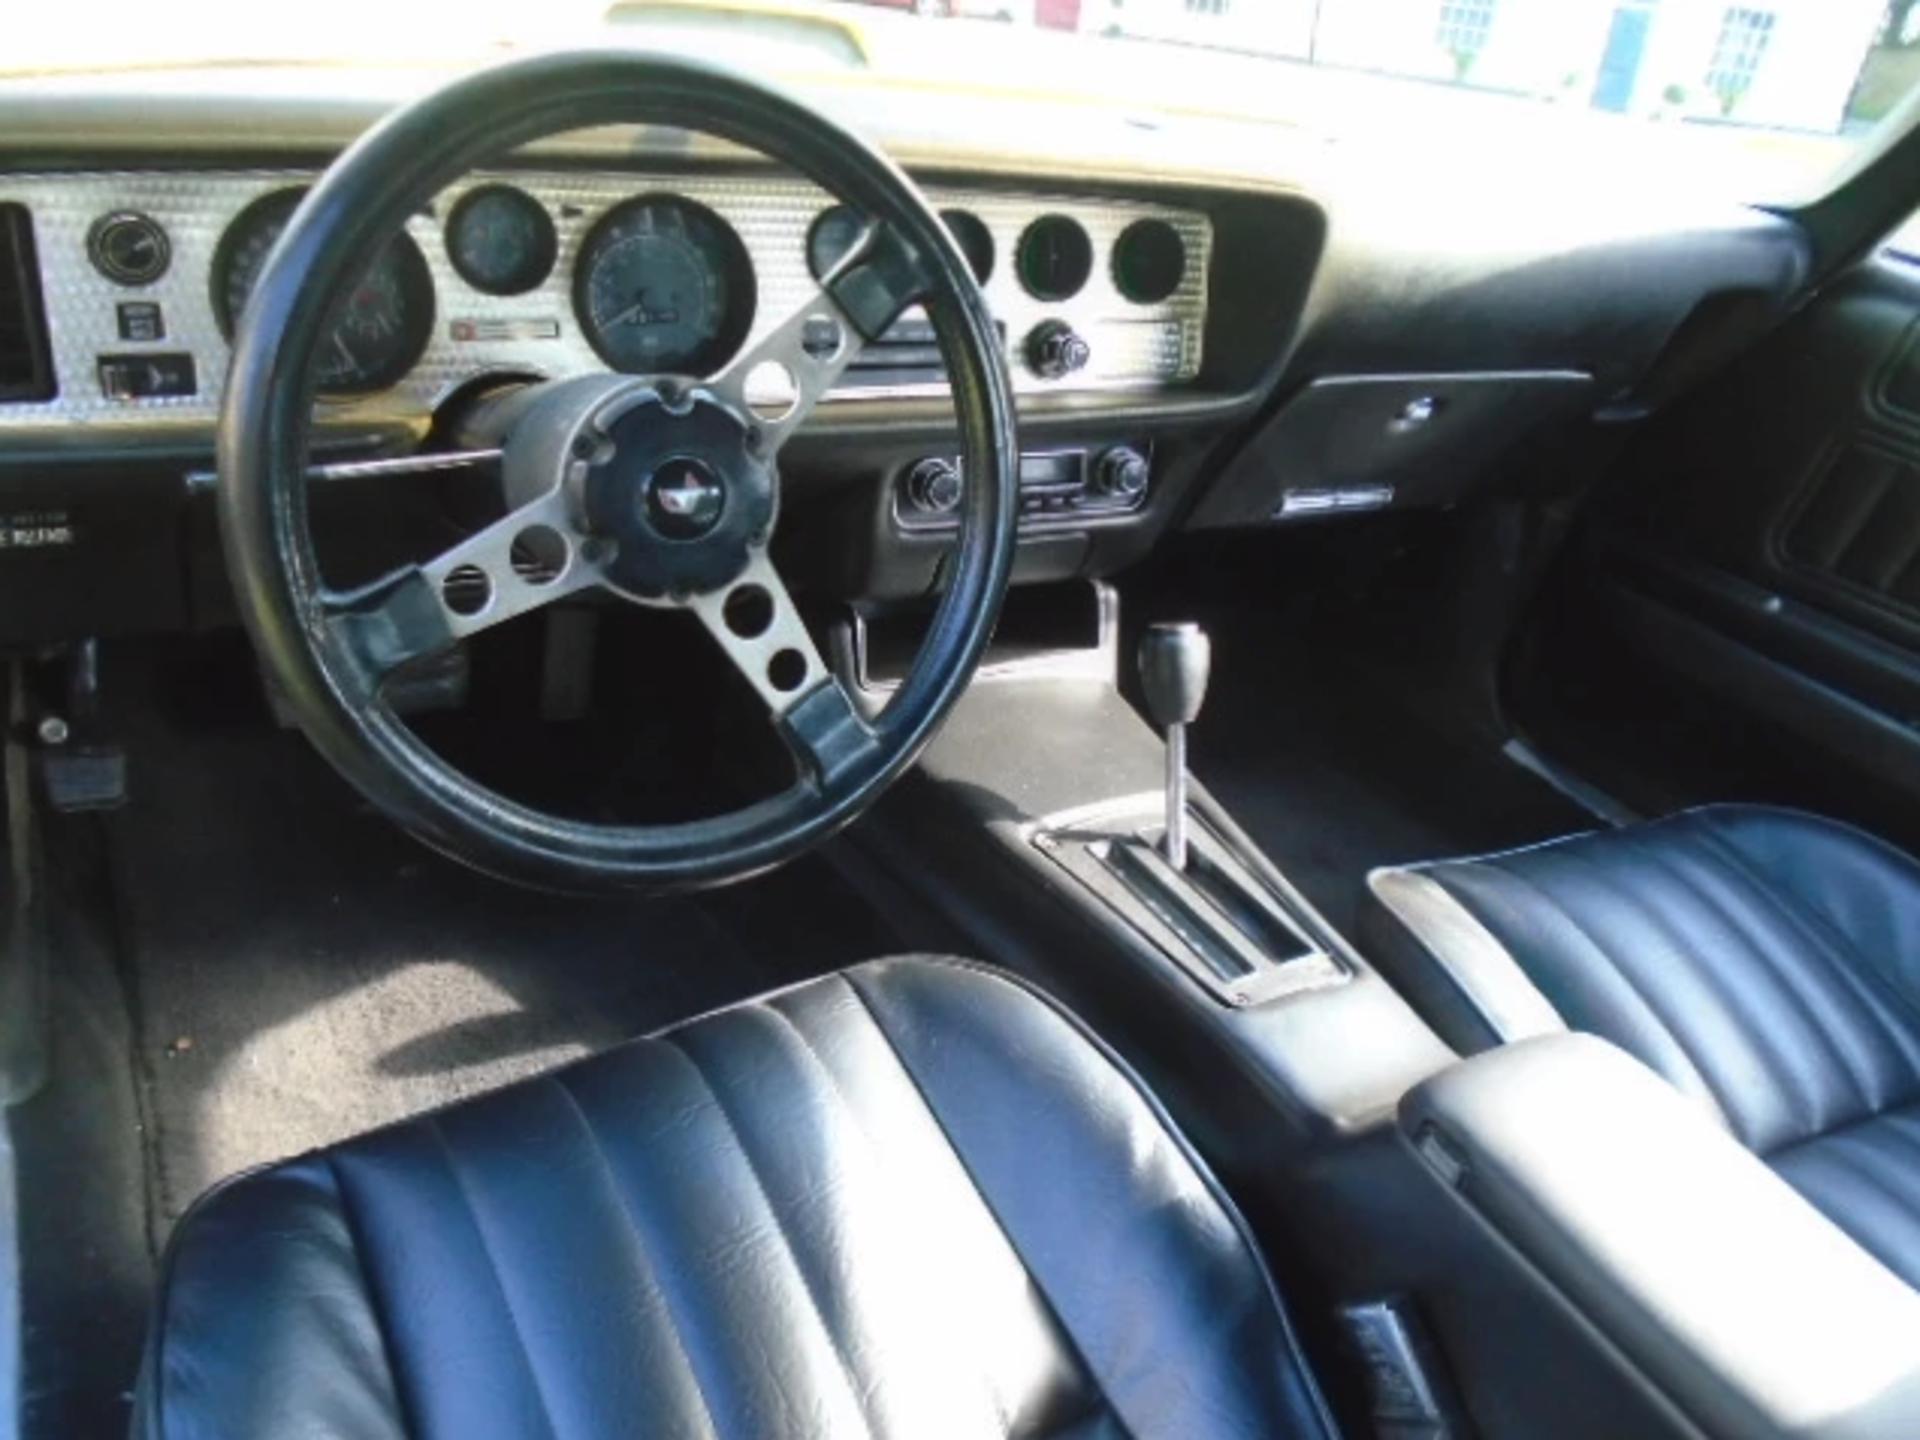 Lot 3 - 1976 Pontiac Firebird Trans-Am